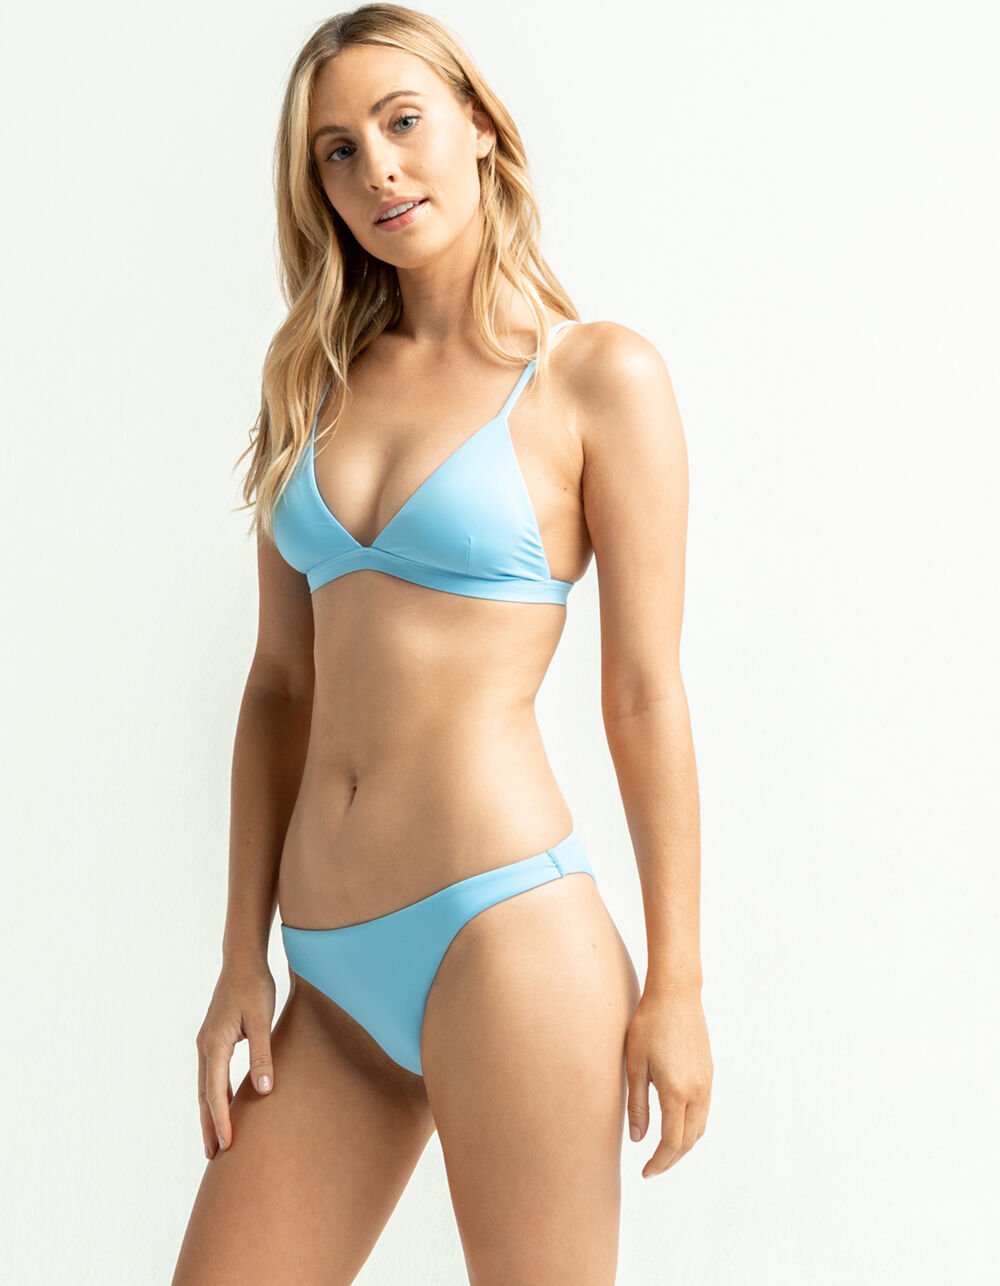 FULL TILT High Leg Cheeky Baby Blue Bikini Bottoms